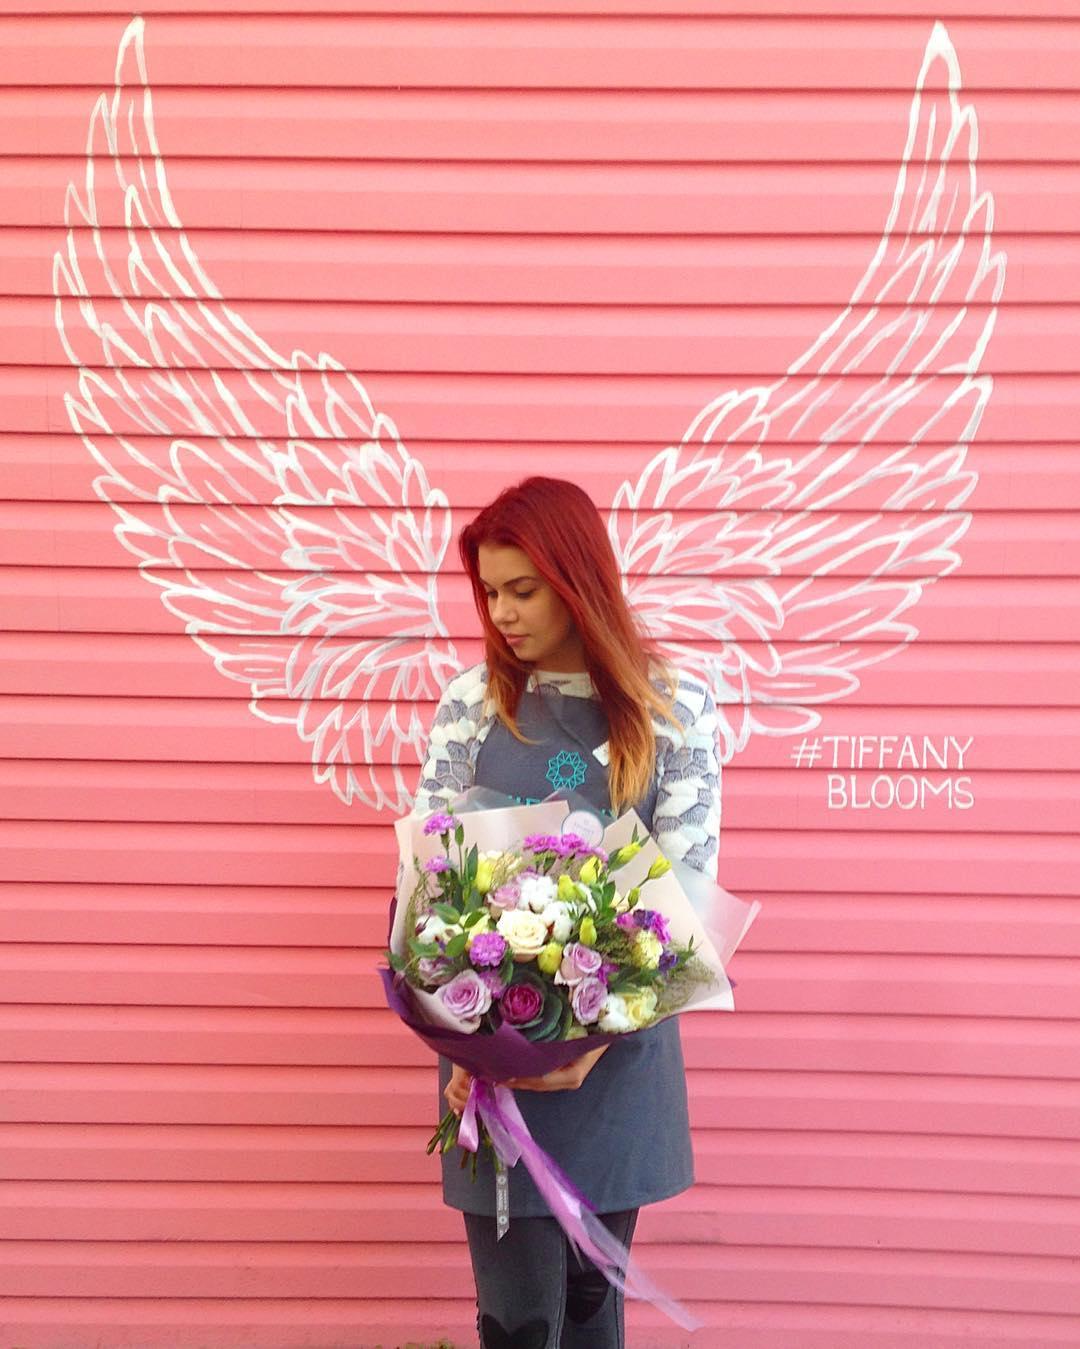 Мы заметили, что наши букеты придают девушкам ангельский вид. #цветывкоробке #ялюбима #цветыкрд #доставкабукетовкраснодар #доставкацветовкраснодар #букет_от_тиффани #букеткраснодар #цветыкраснодар #розыкраснодар #розыкрд #tiffanyblooms #flowers ▪Рады вам с 8:00 до 20:00 ▪Заказы +79000001133 ▪Рашпилевская 28 ▪tiffanyblooms.ru